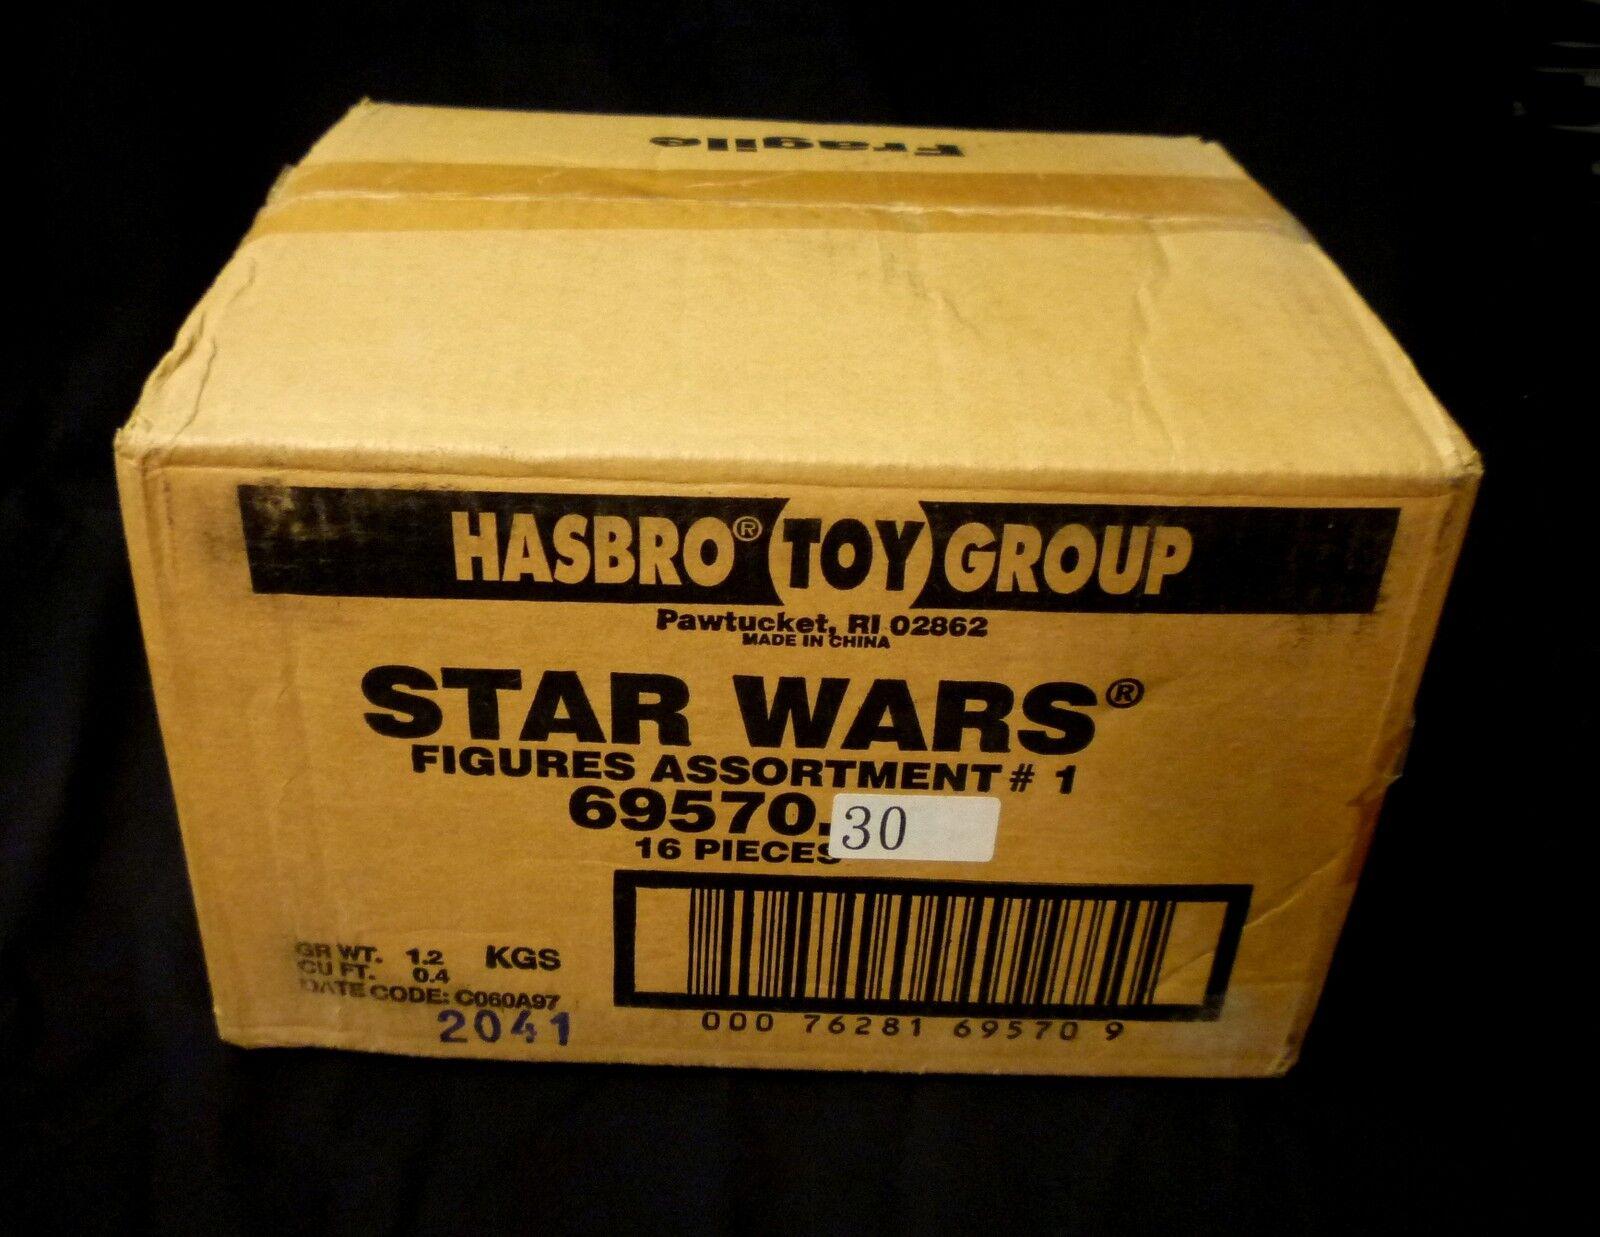 Star Wars Hasbro Figura De Acción Funda 69570.30 cifras Ayudante 1 Sellado De Fábrica.